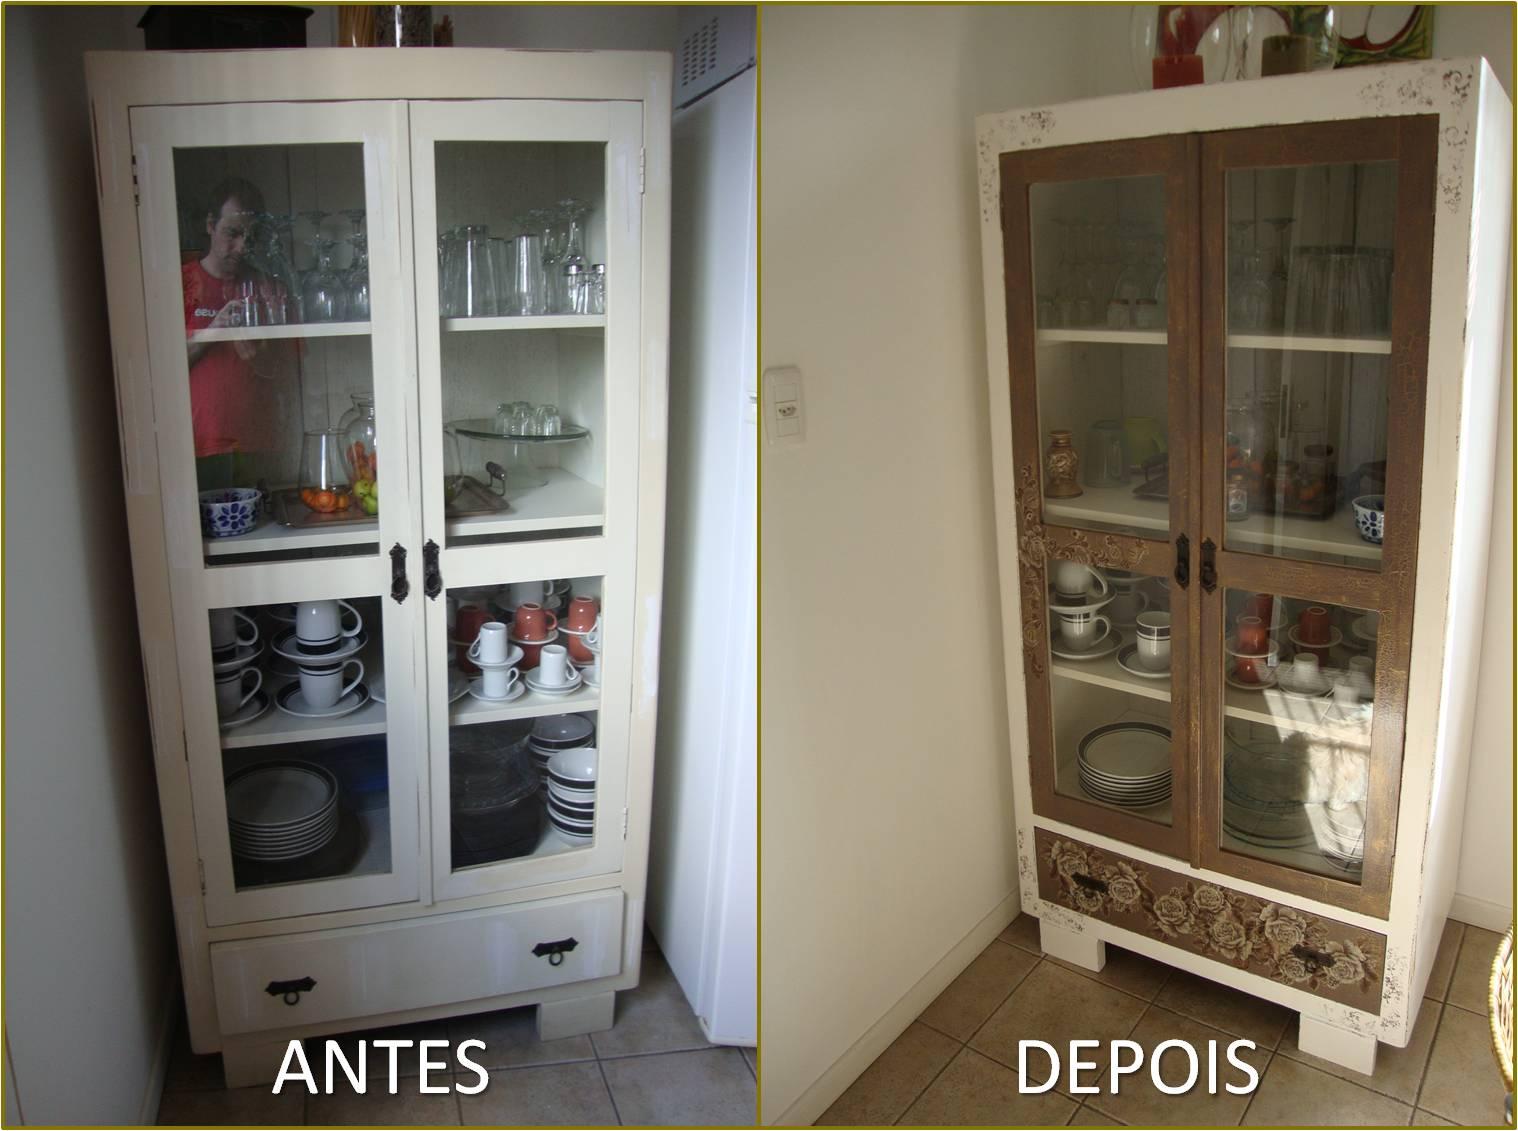 Cozinha Com Cristaleira Armrio De Cozinha E Cristaleira Antigo Em